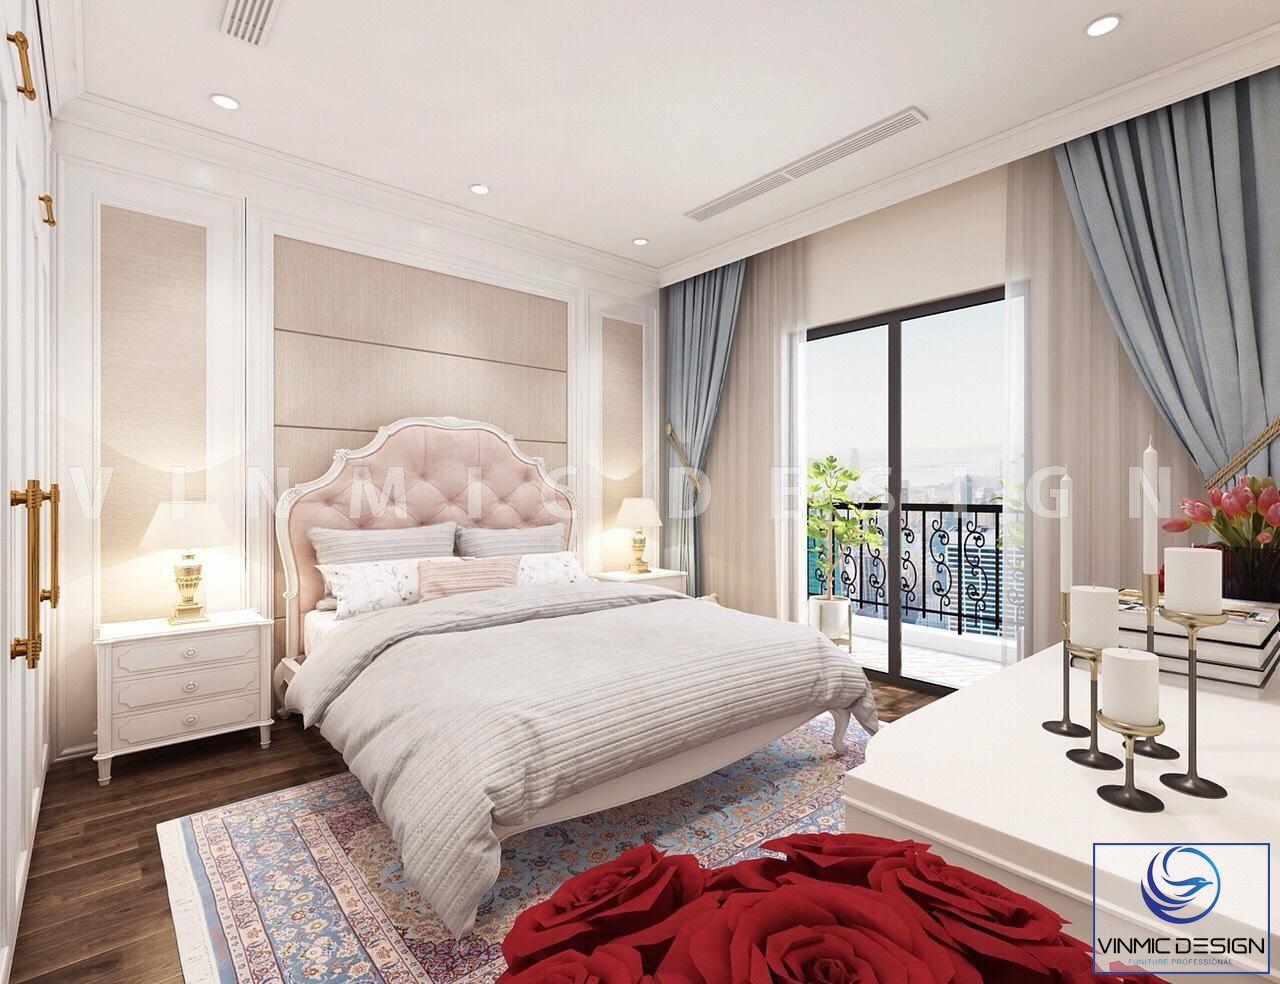 Thiết kế nội thất phong cách tân cổ điển ngọt ngào tại biệt thự Vinhomes Imperia Hải Phòng